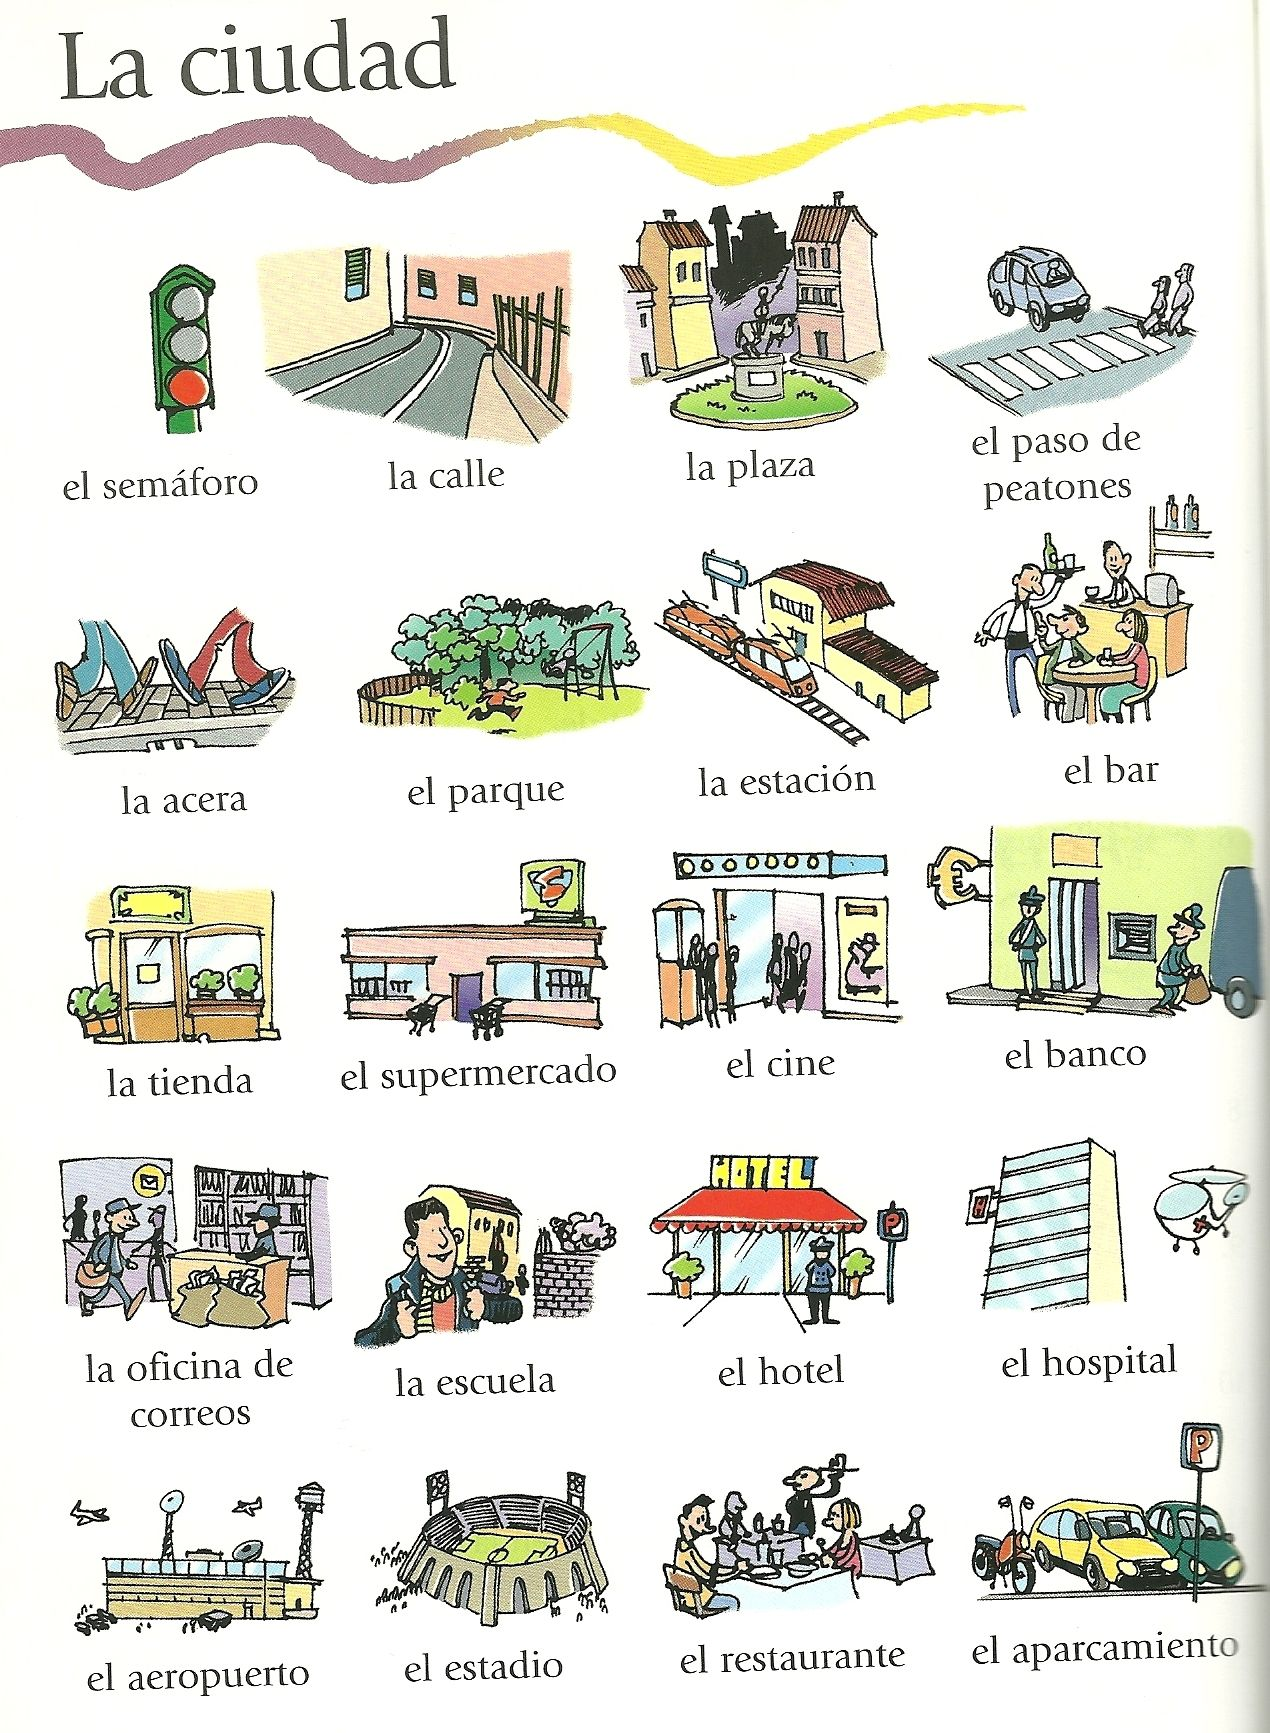 Gala Vocabulario De La Ciudad Lainternacional